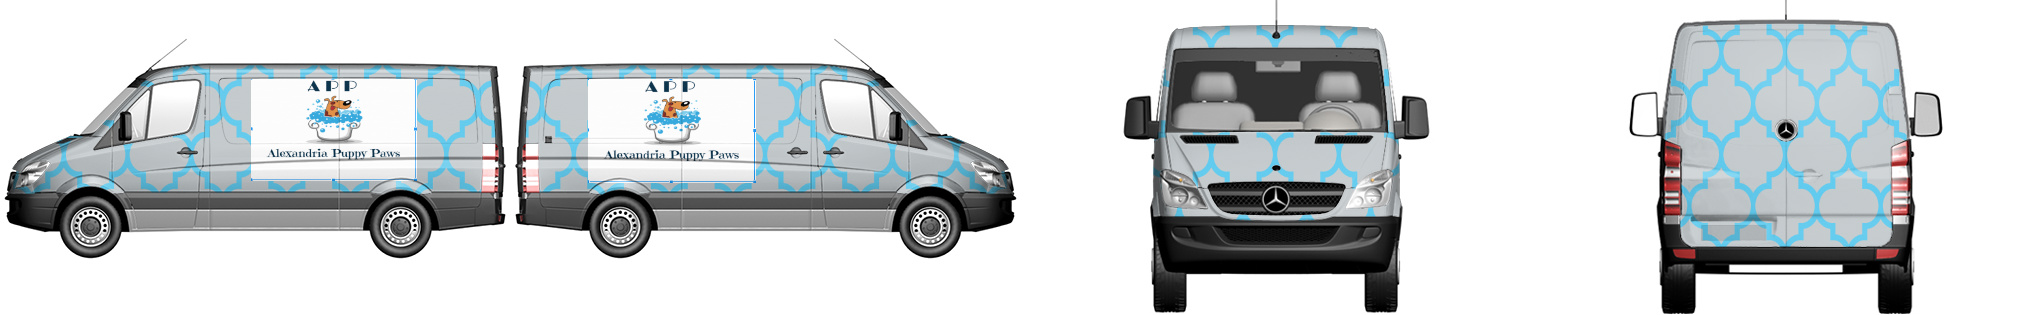 Van Wrap #50151